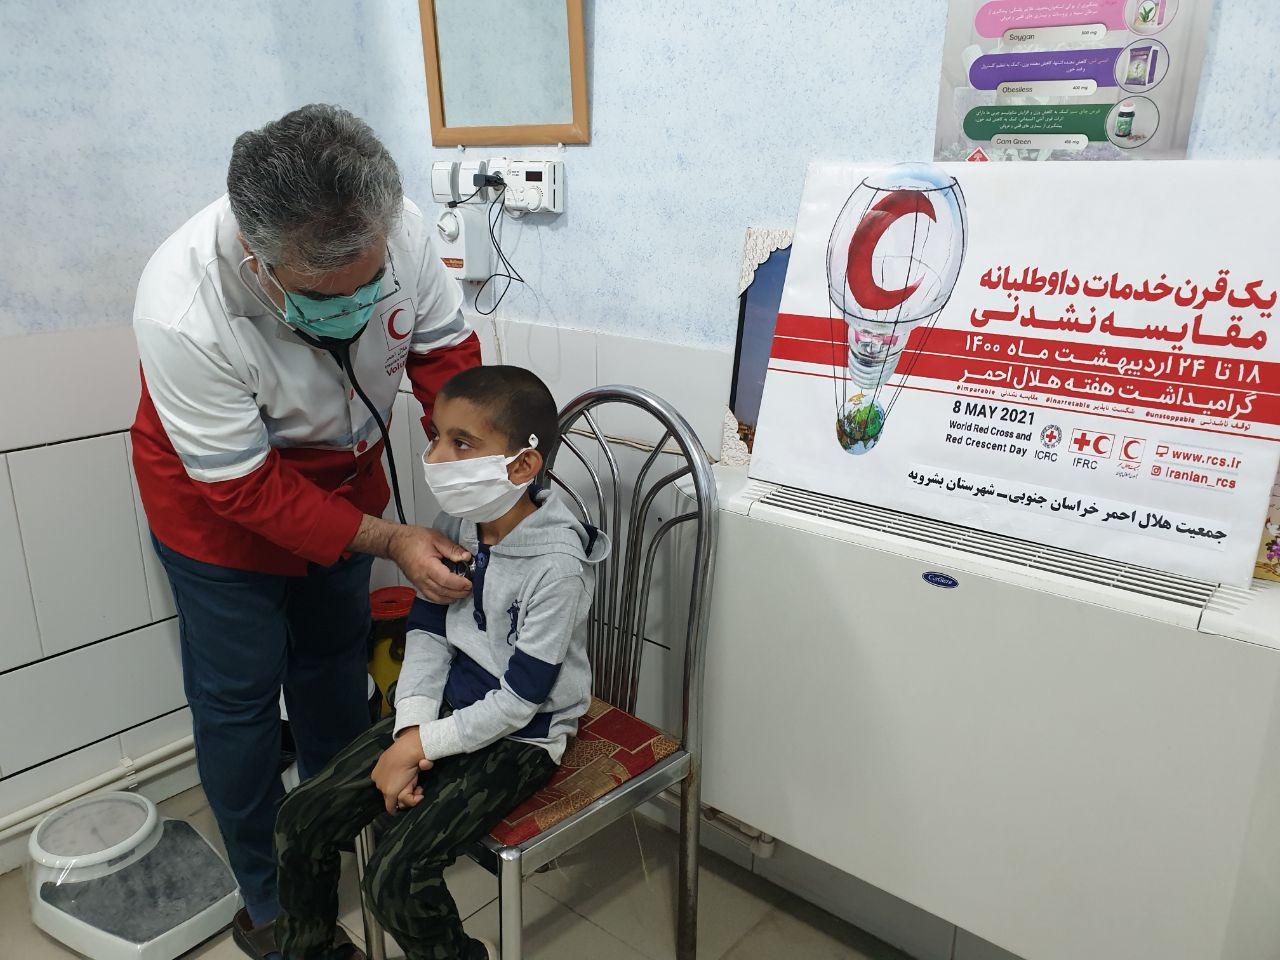 ارائه خدمات درمانی به  ۴۰ نفر از بیماران نیازمند شهرستان بشرویه